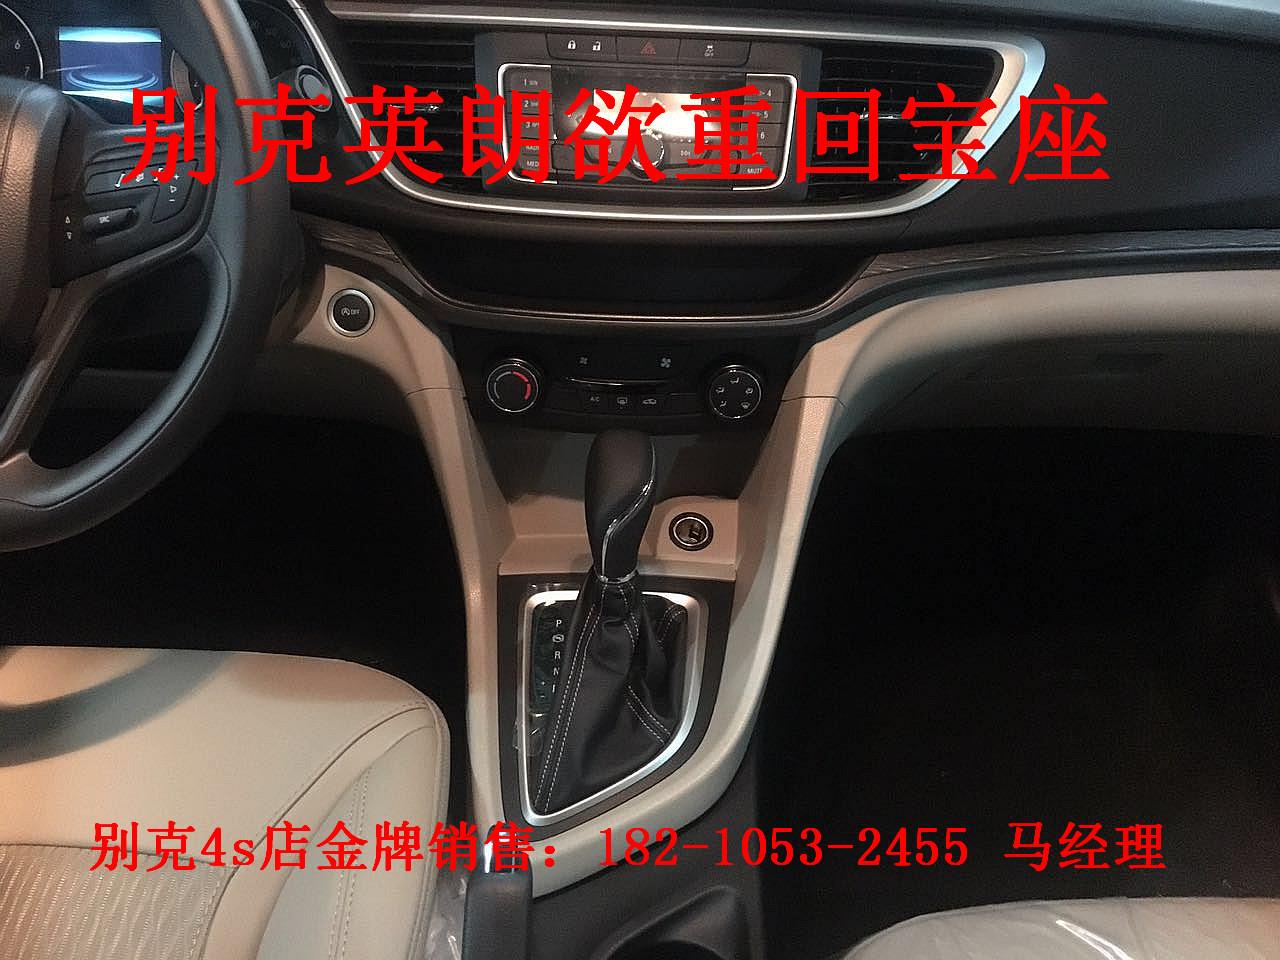 新款英朗采用三辐式多功能方向盘,并用镀铬装饰条勾勒线条,上面带有音源控制、蓝牙电话功能、巡航按键等功能,保证驾驶员能在双手不离开方向盘的前提下快速操作。仪表盘采用3.5英寸高清全彩行车电脑结合经典双表盘,行车即时信息一目了然。24小时销售热线:182-1053-2455 马经理(销售部)